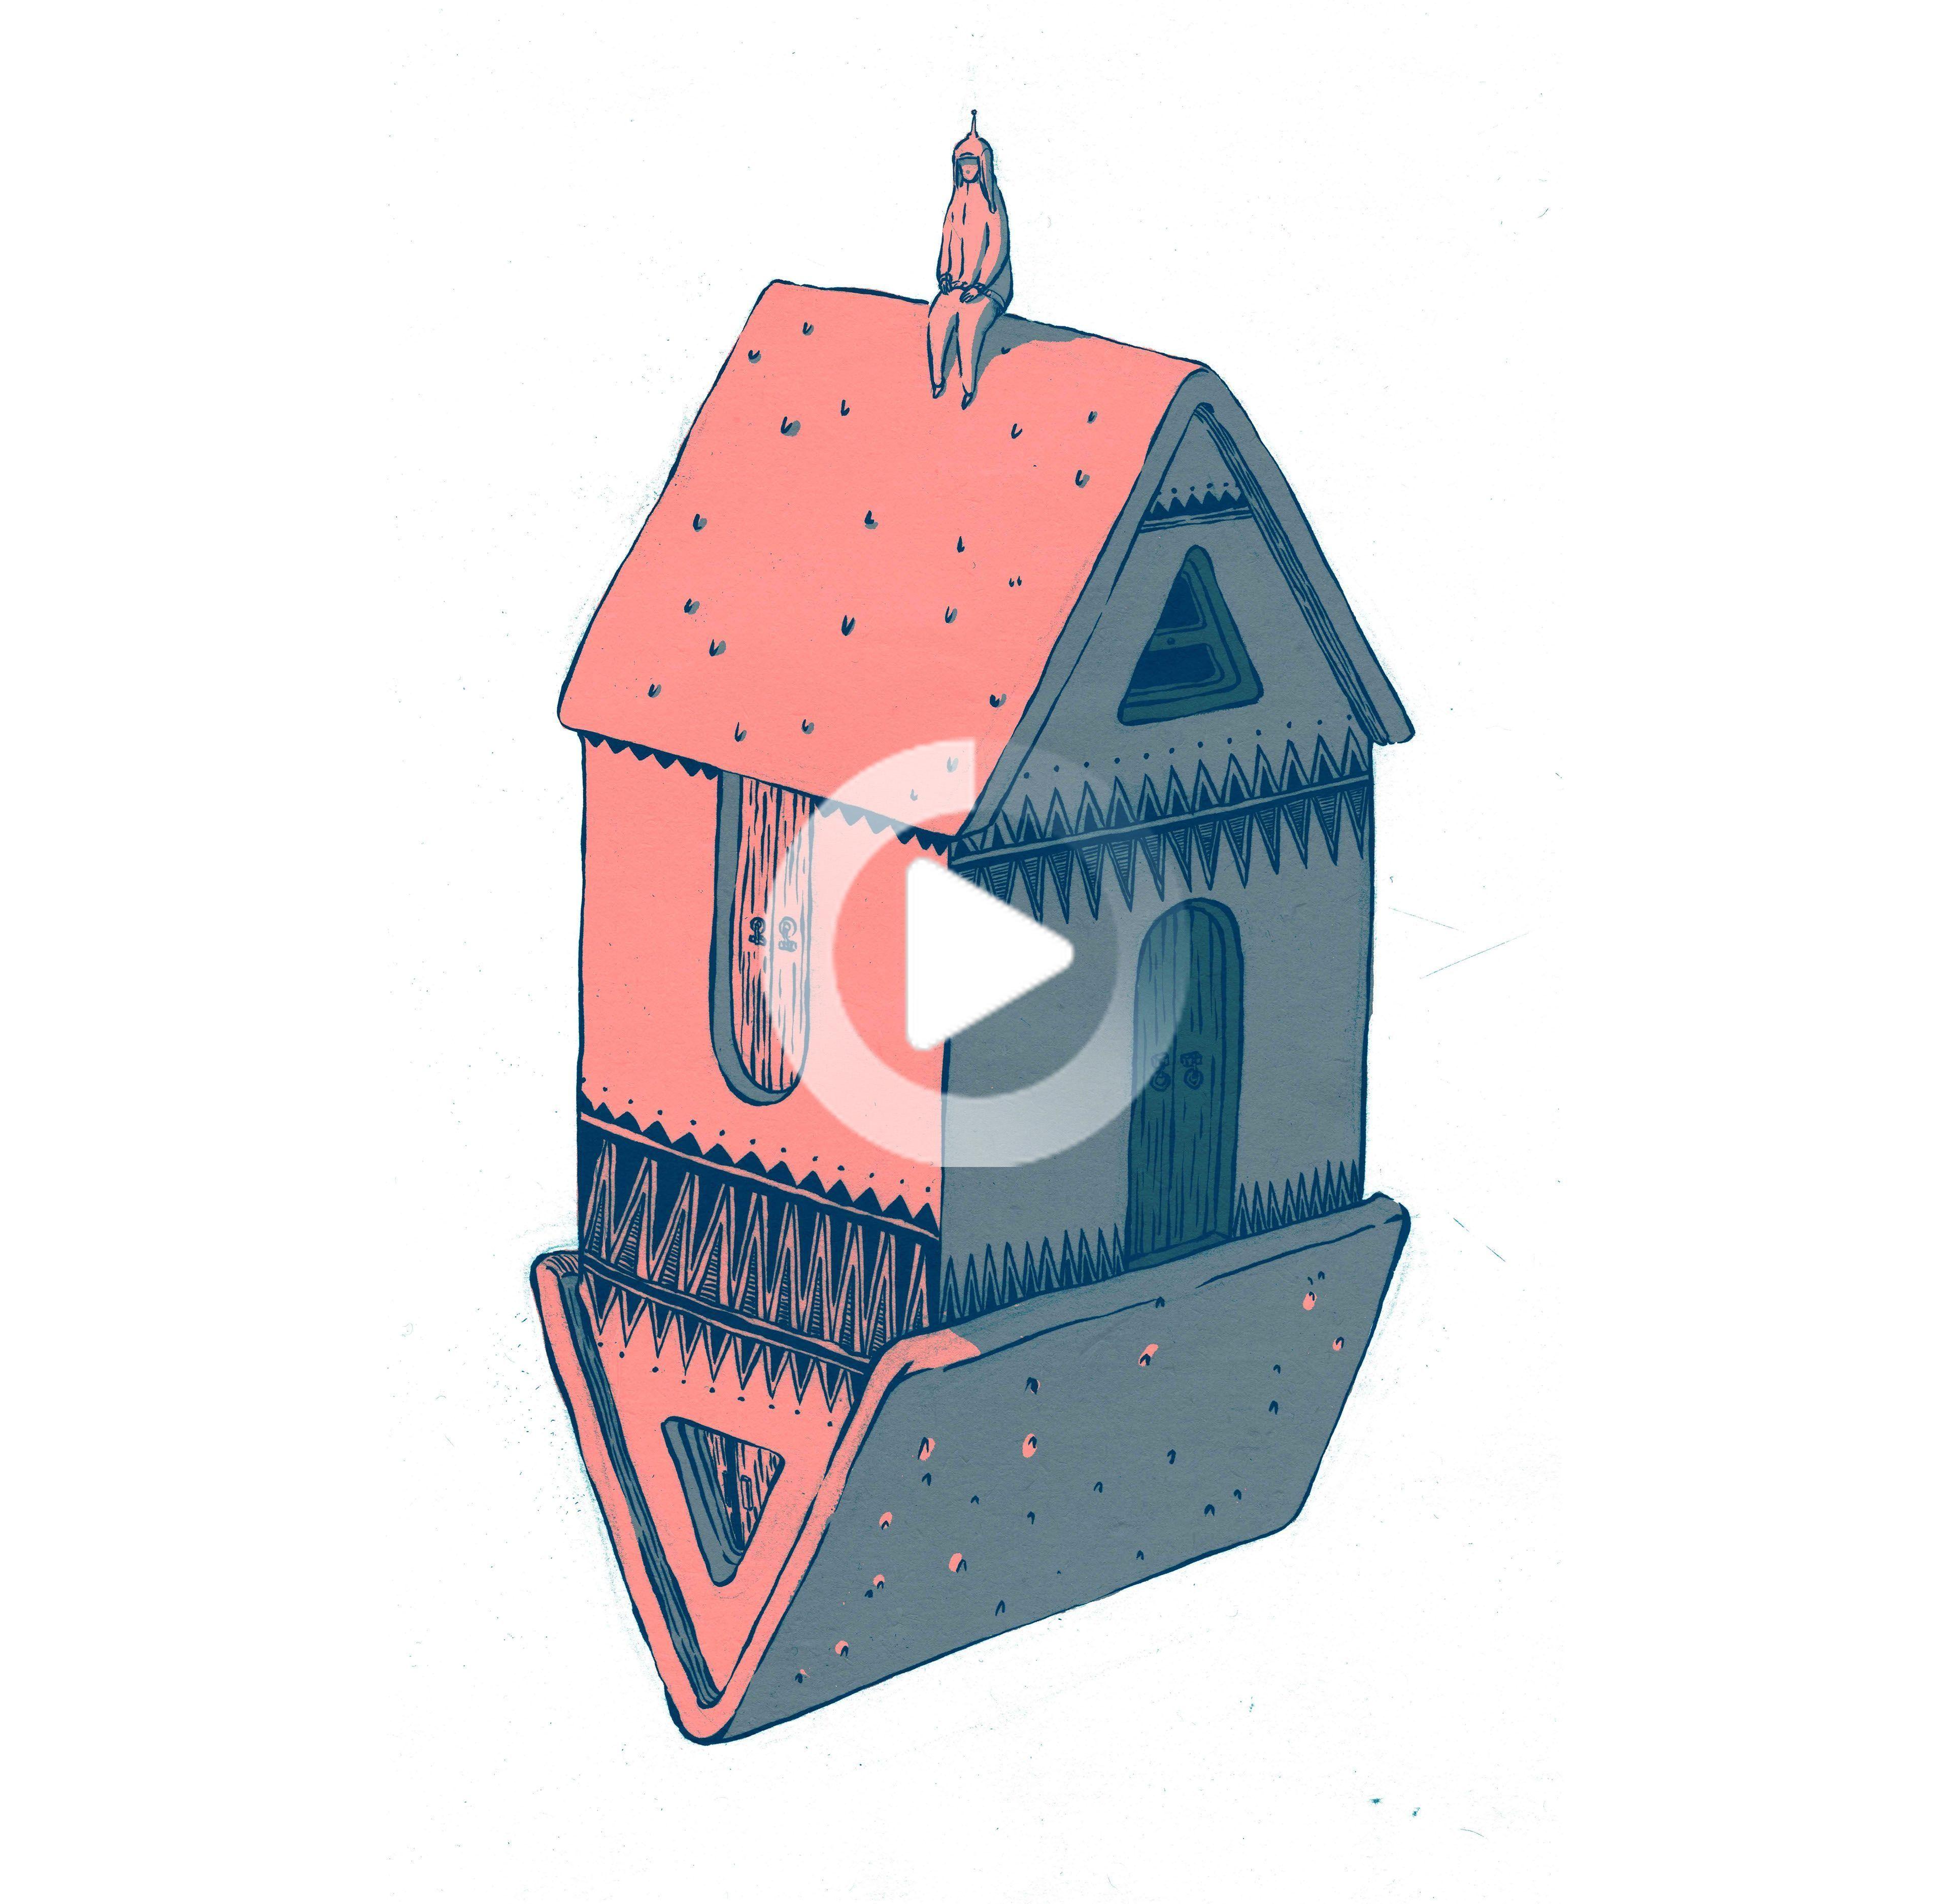 Little House Little Guy Retro Illustration Creative Illustration Illustration